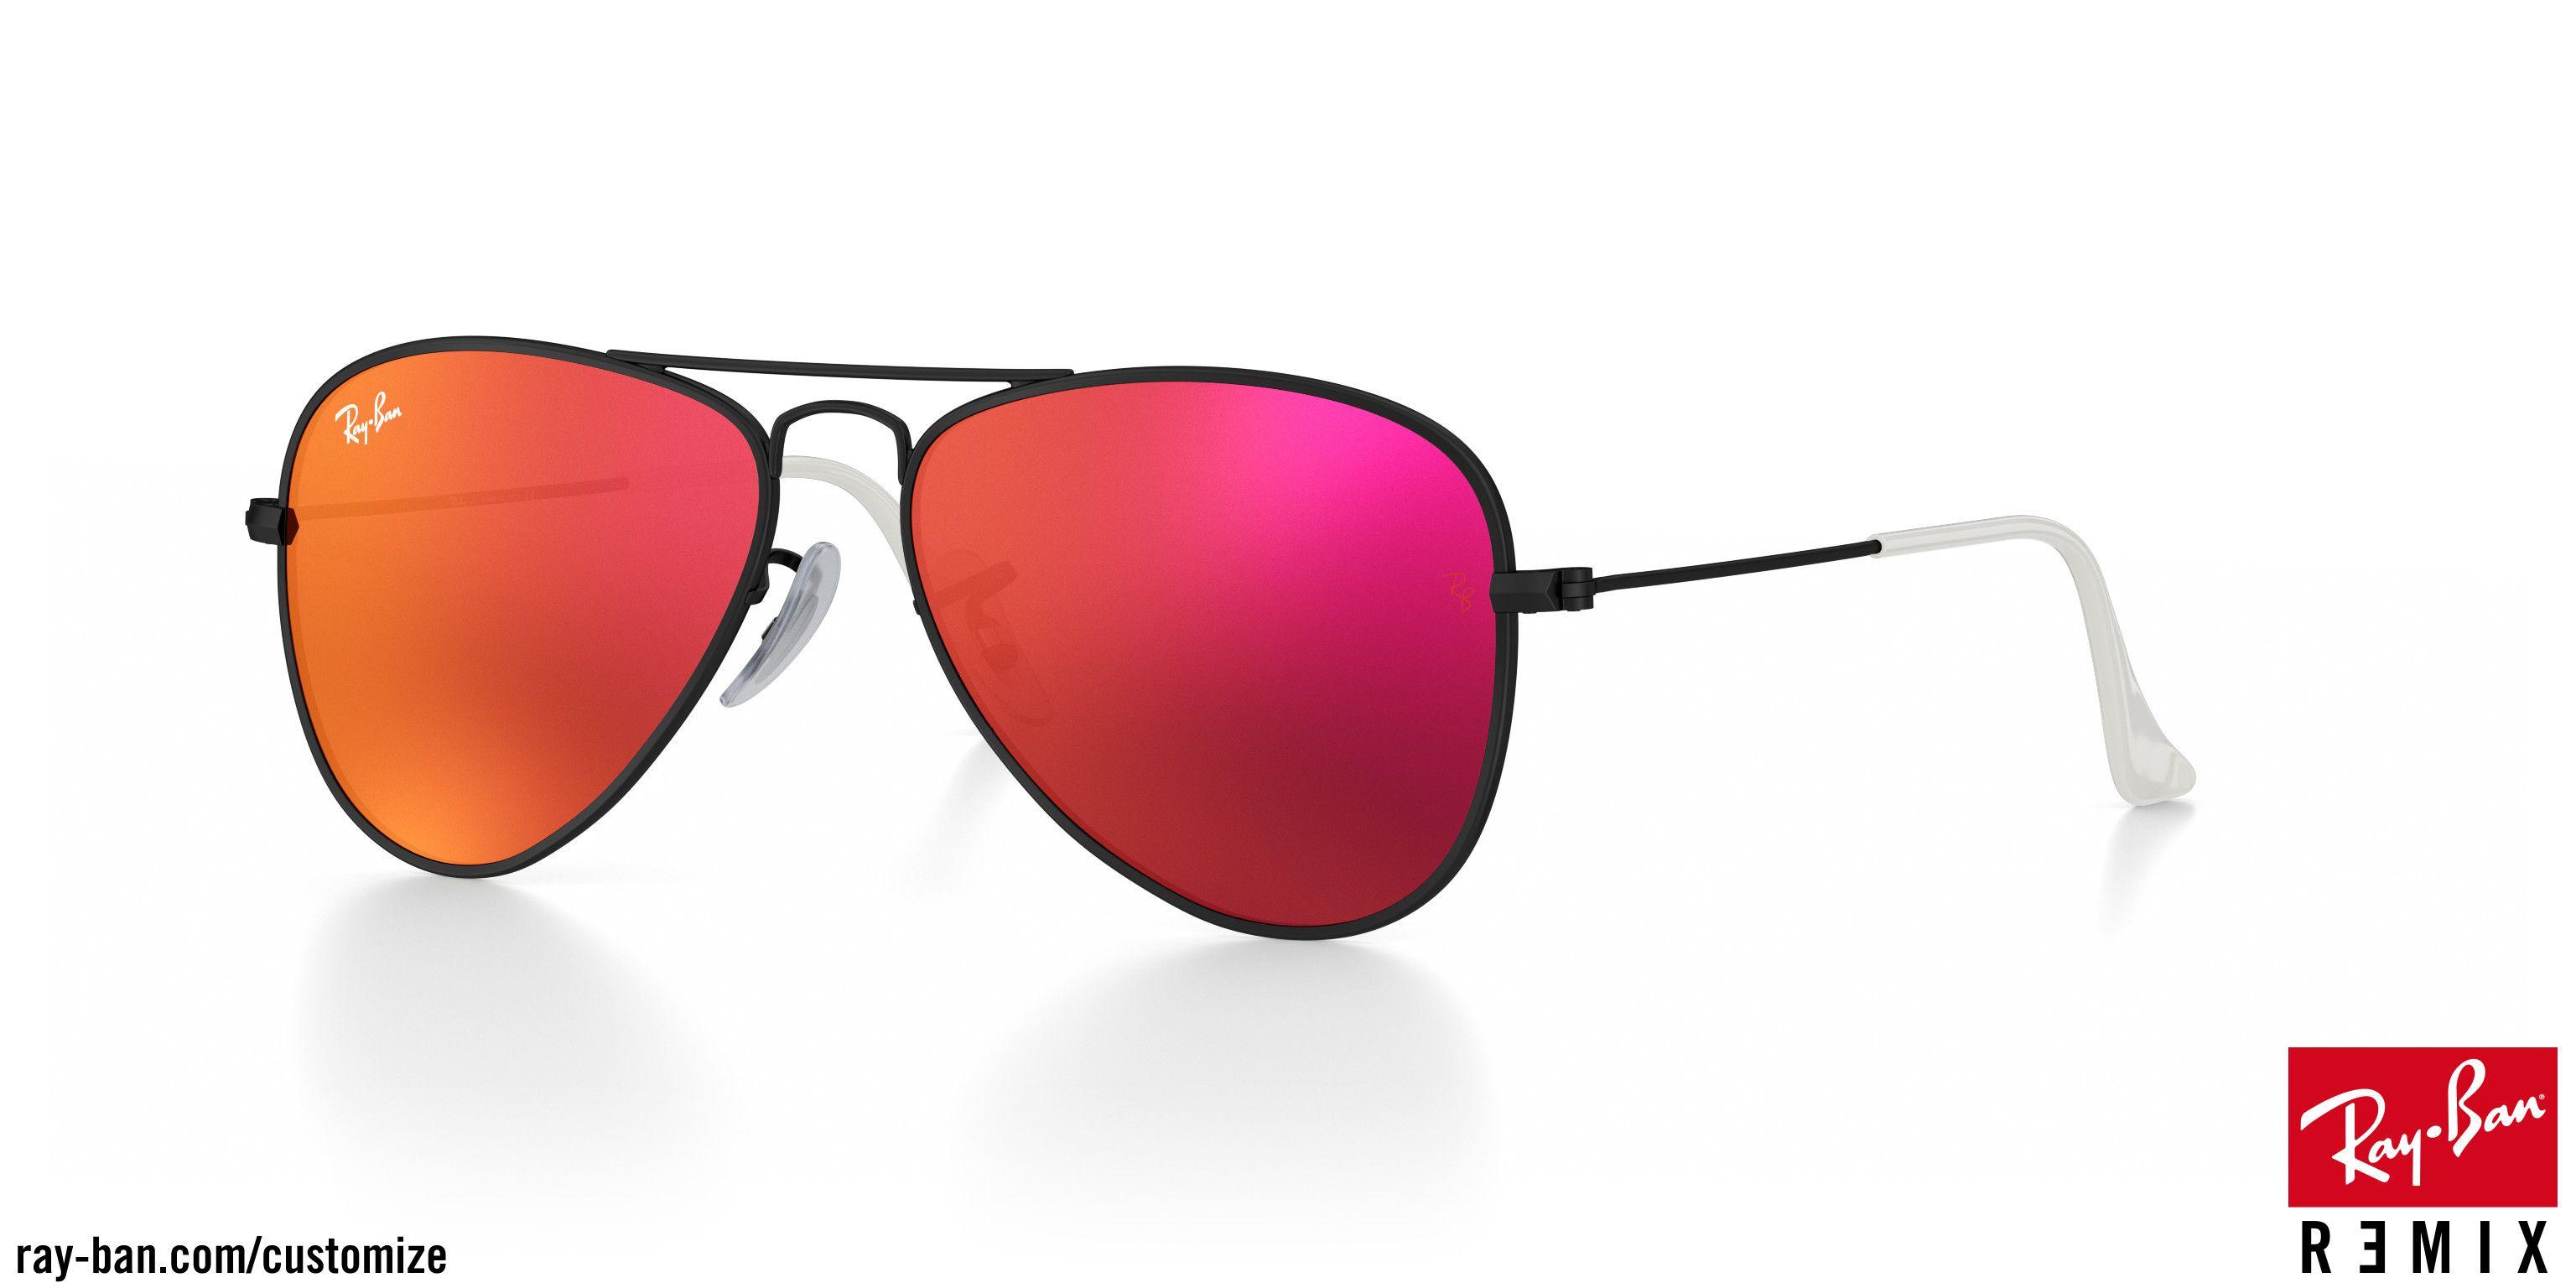 448bba1d2966b2 Regardez qui a juste obtenu ce nouveau Ray-Ban aviator junior lunettes de  soleil